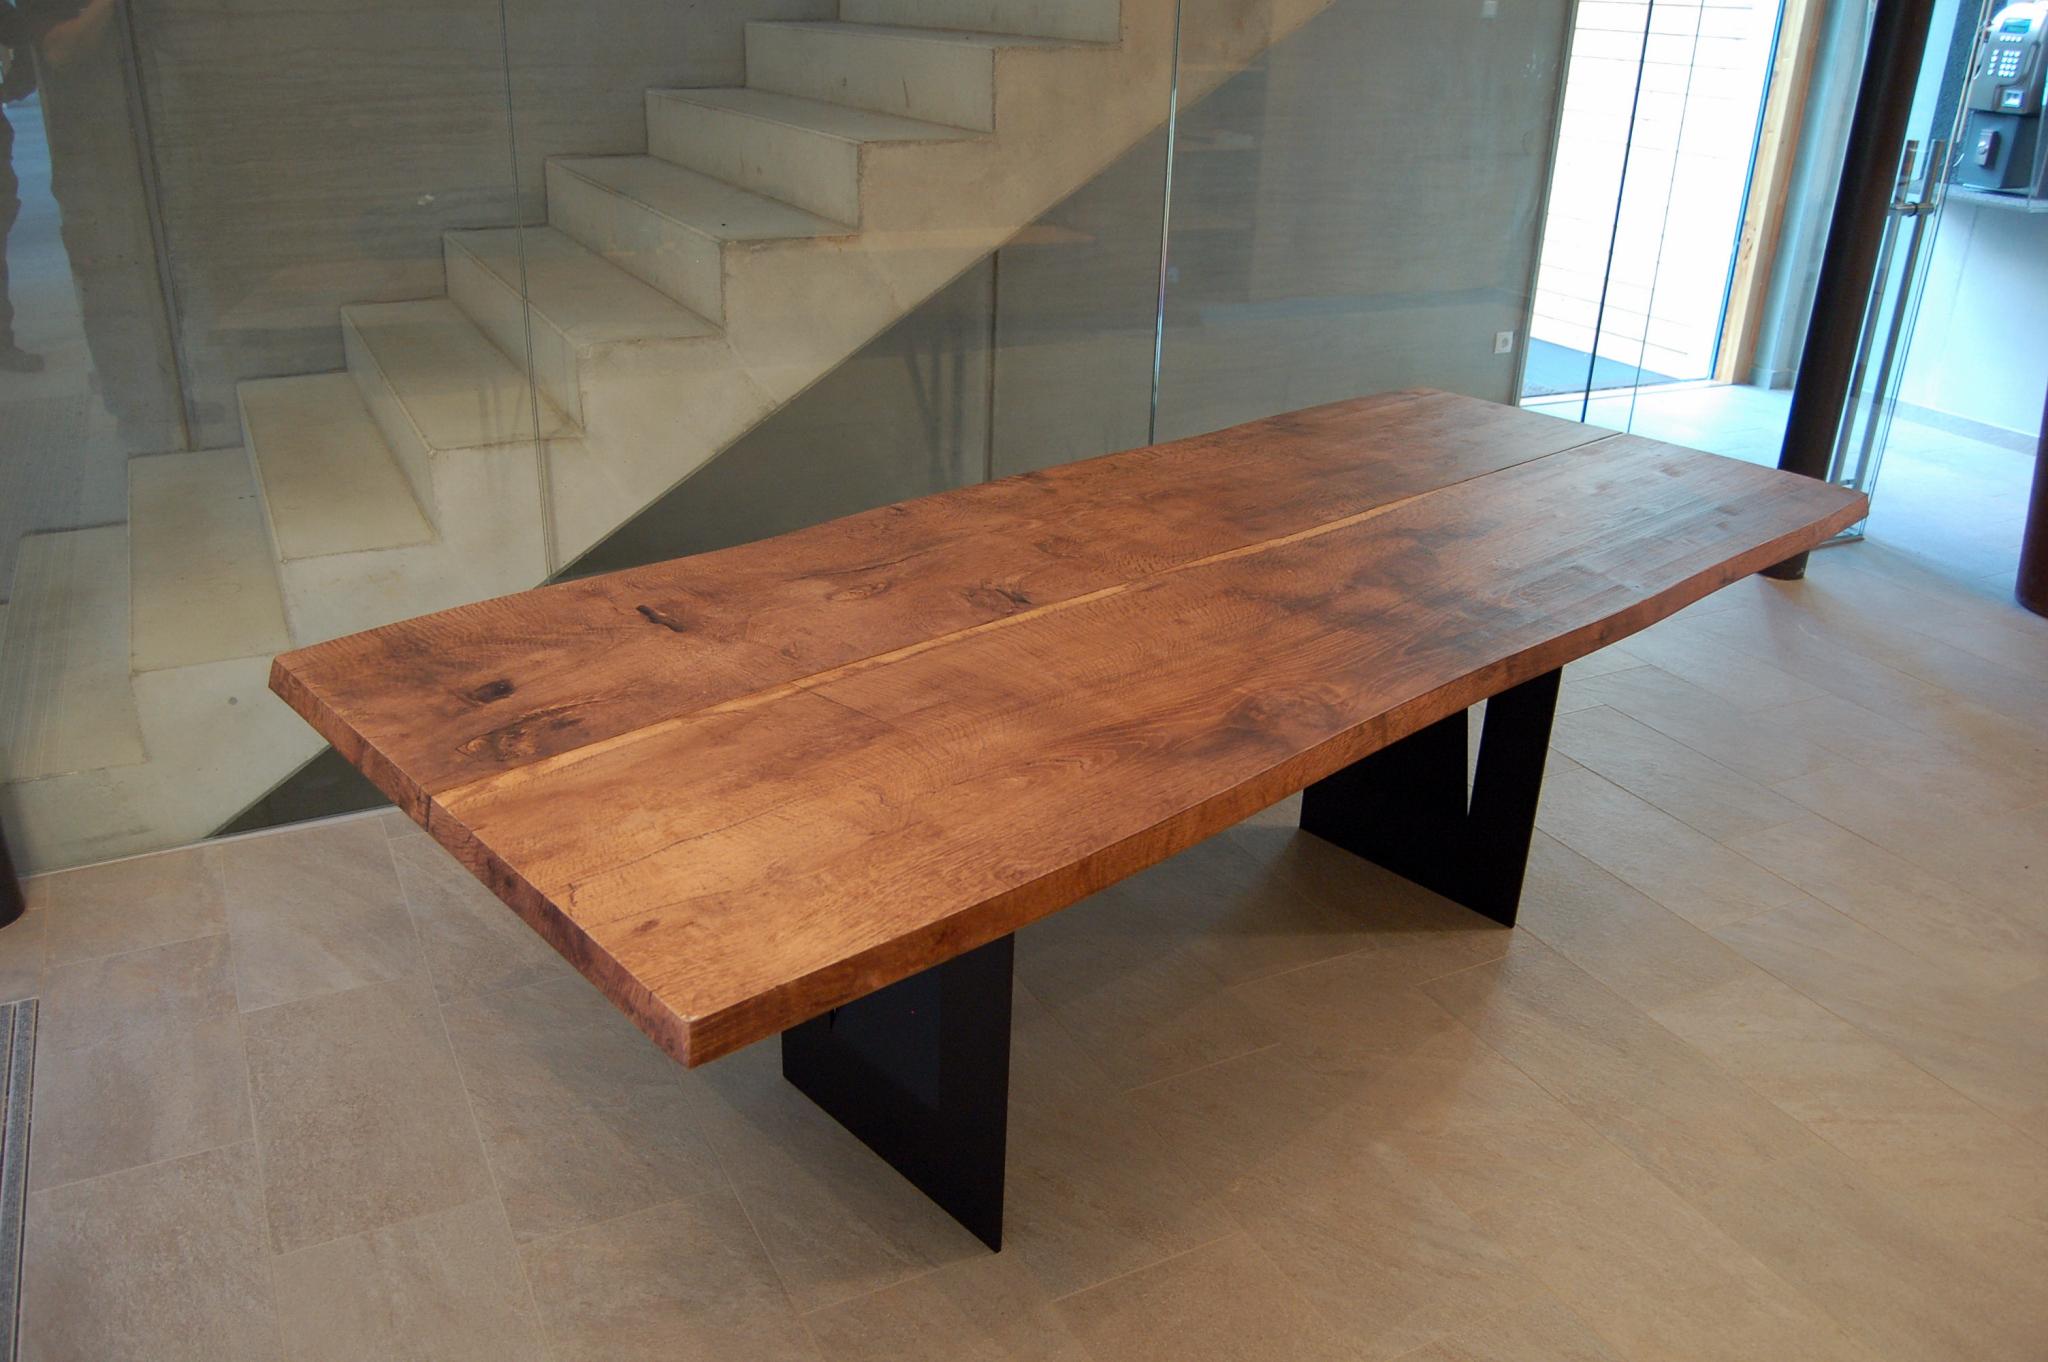 Tischplatte altholz  Tisch Altholz Eiche Nachbildung | BS-Holzdesign